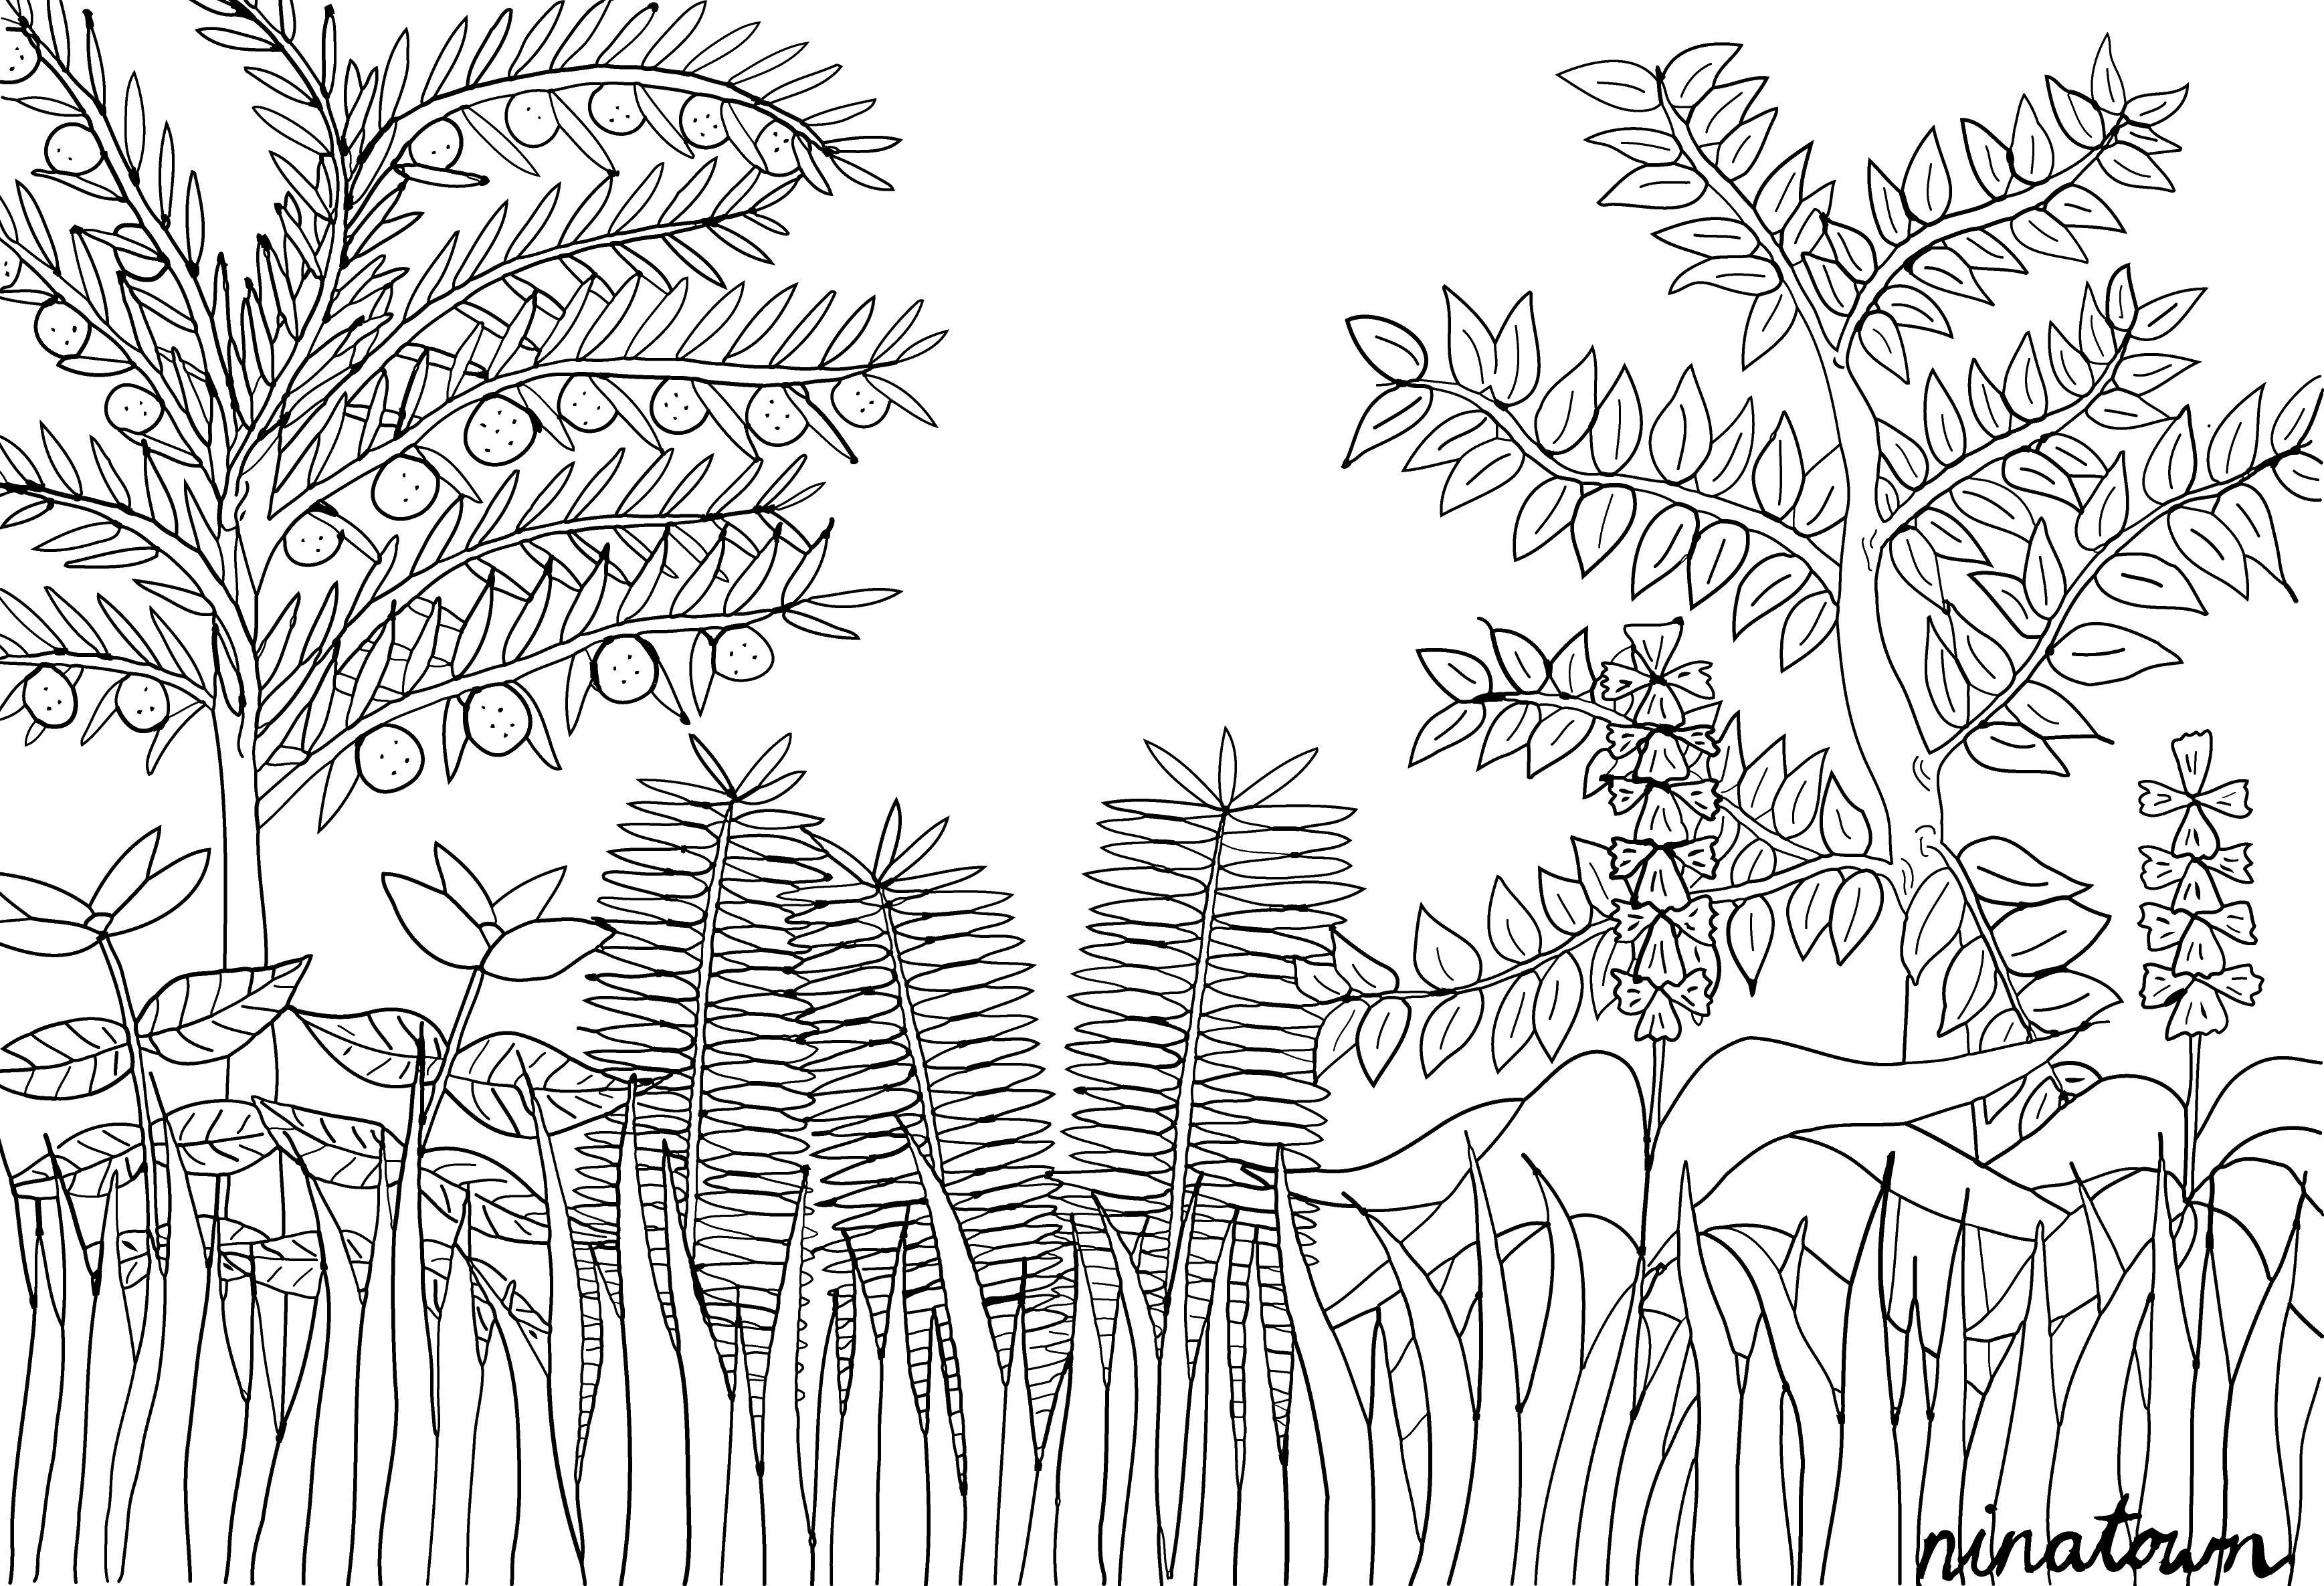 henri rousseau coloring pages pin by deborah fleet on rainforest classroom in 2019 art coloring pages rousseau henri